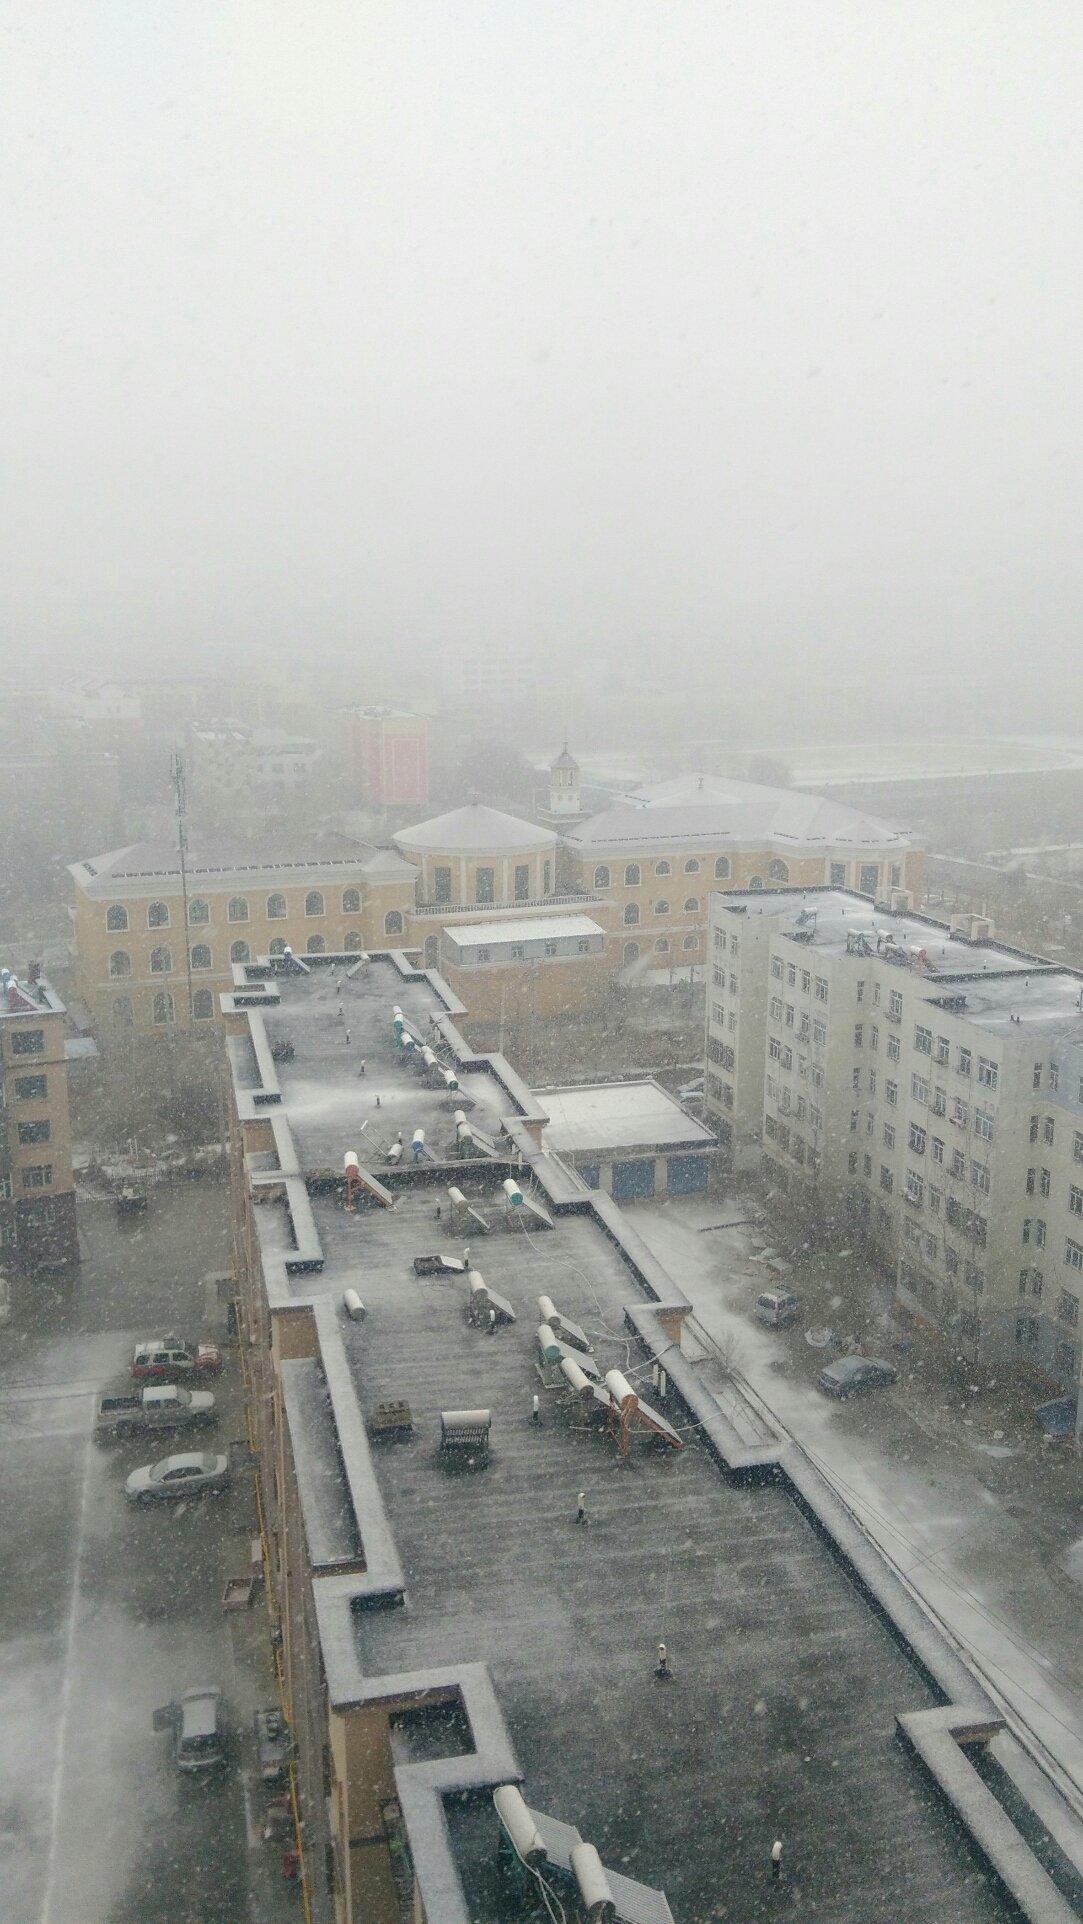 新疆维吾尔自治区阿勒泰地区阿勒泰市团结路46-4号靠近中国农业银行(解放路分理处)天气预报